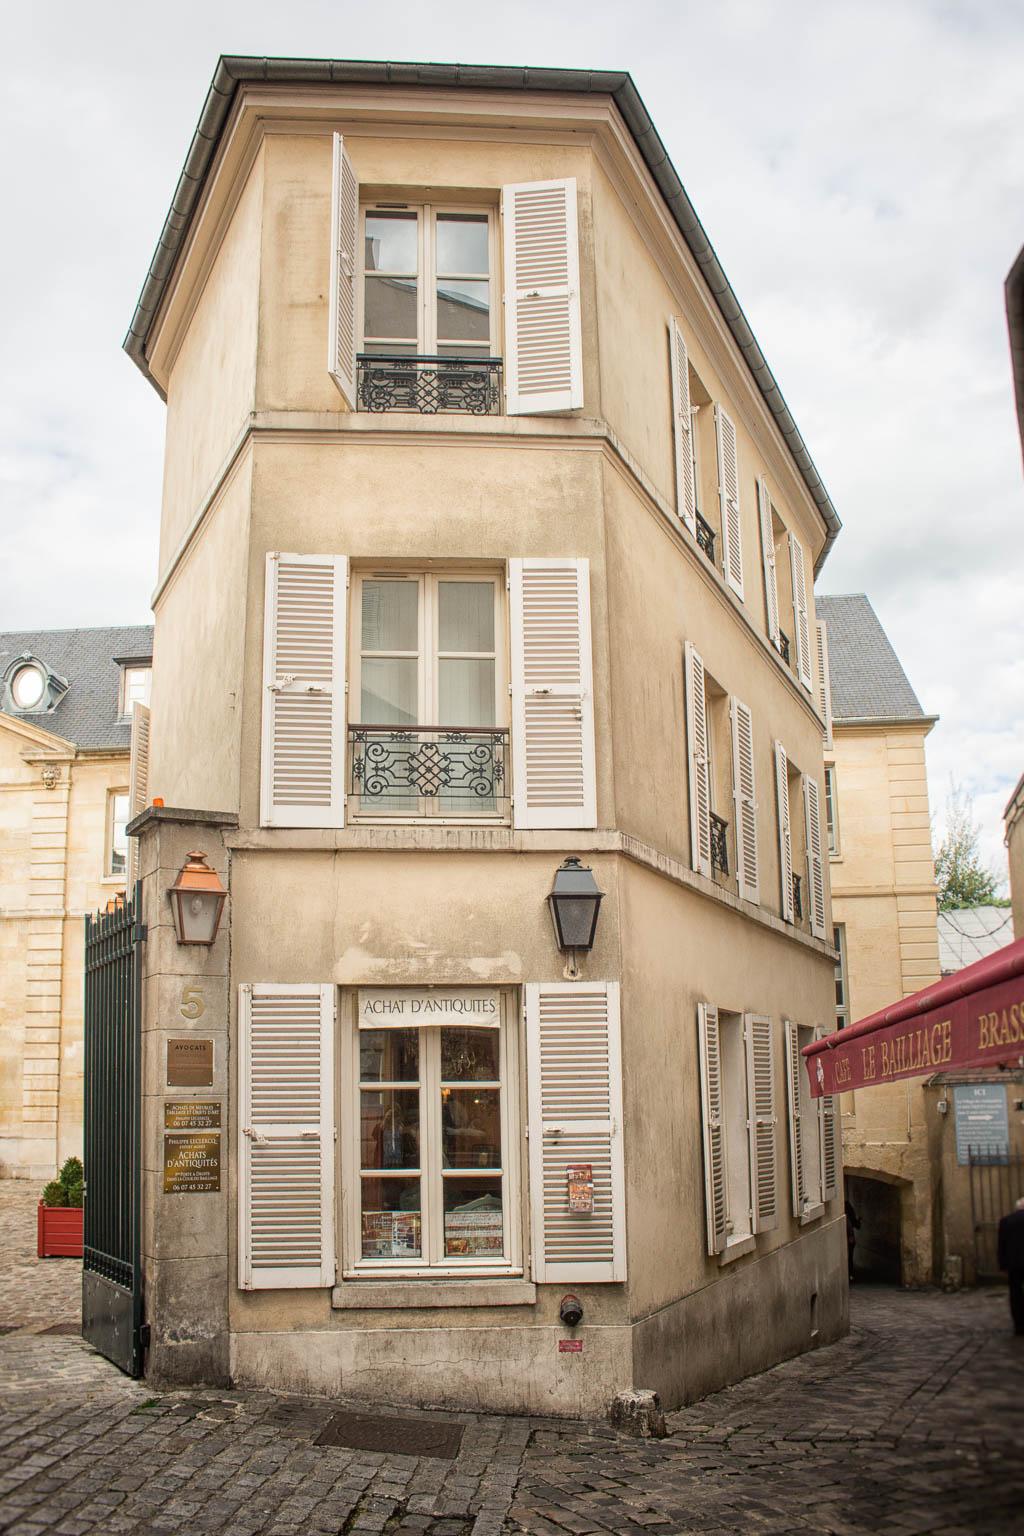 Quartier des Antiquaires12 Sehenswürdigkeiten und Tipps für eine Reise nach Versailles